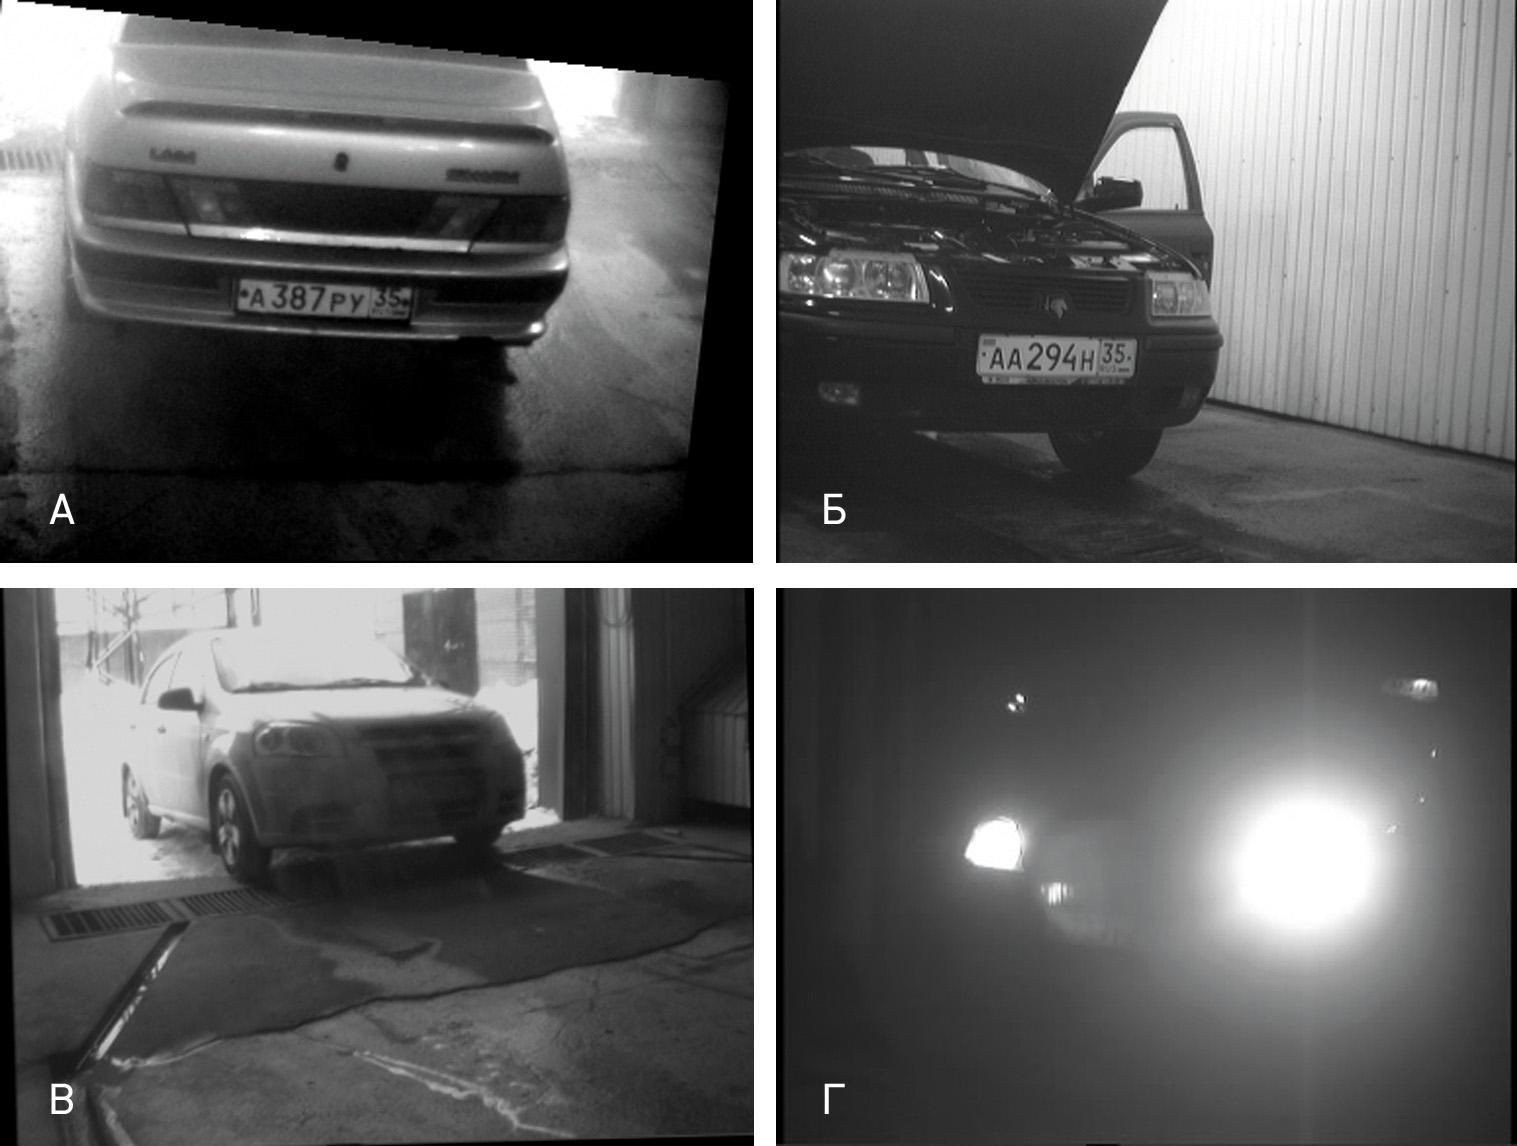 Примеры хороших и плохих оптических схем в помещении - Автомаршал